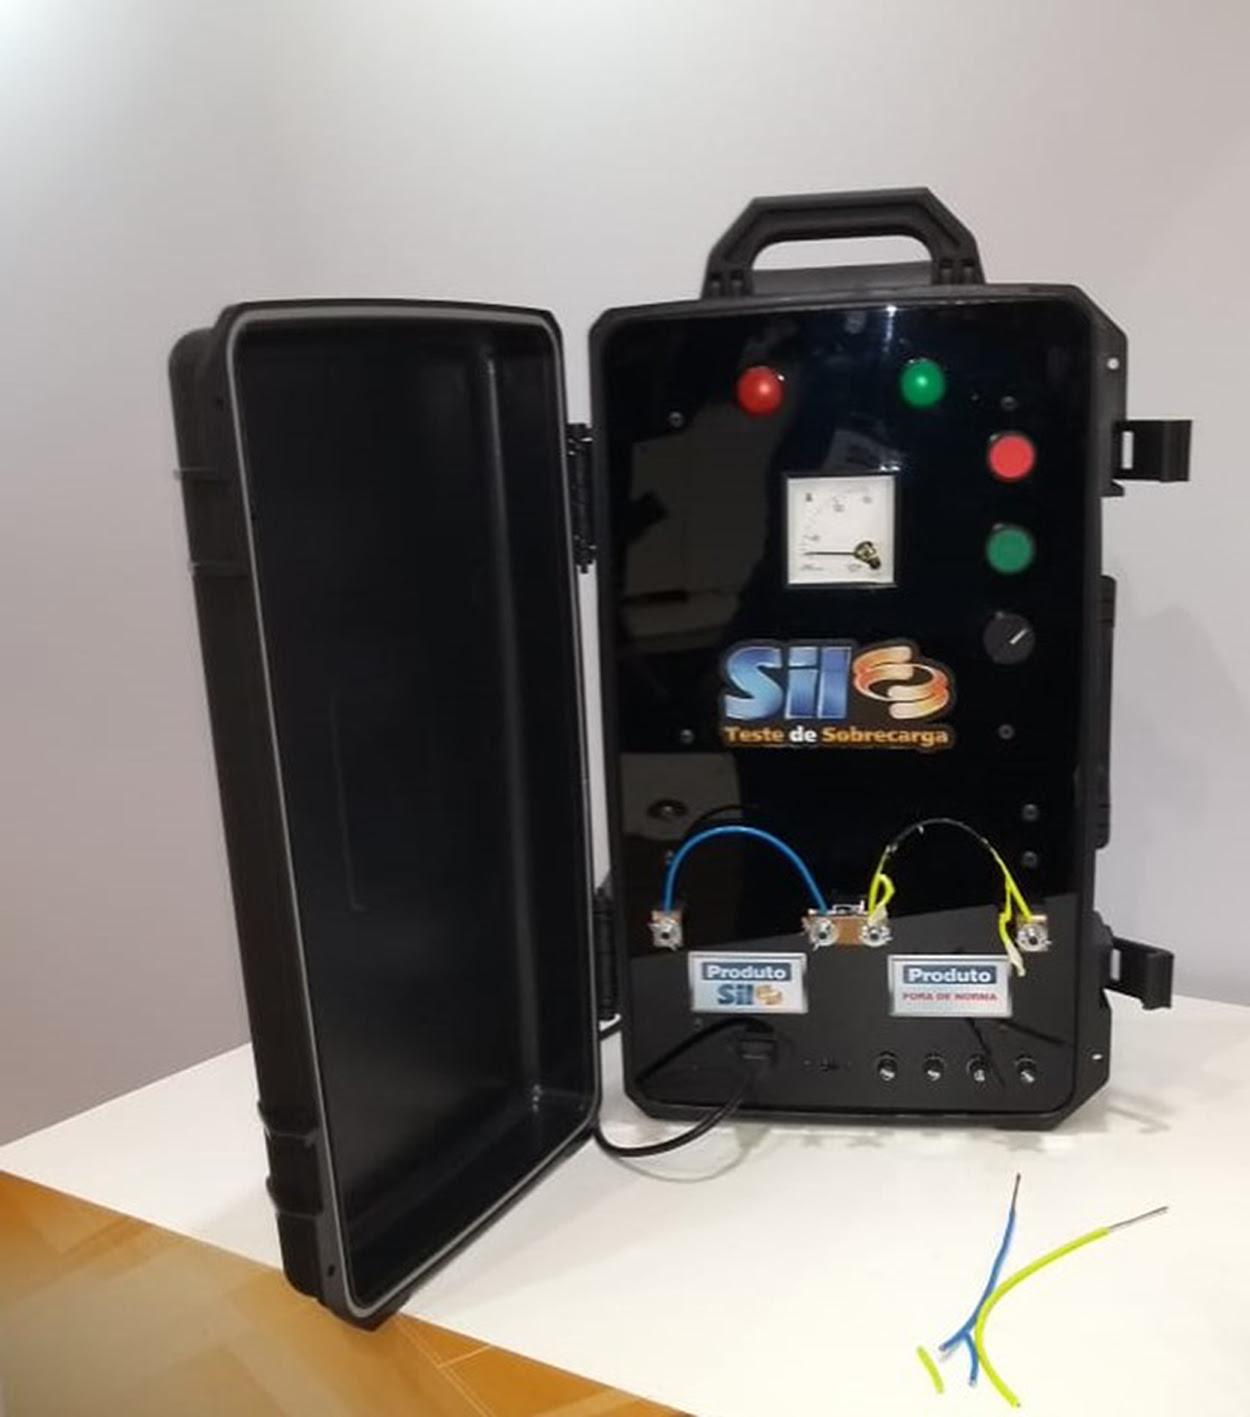 SIL cria máquina de teste de sobrecarga